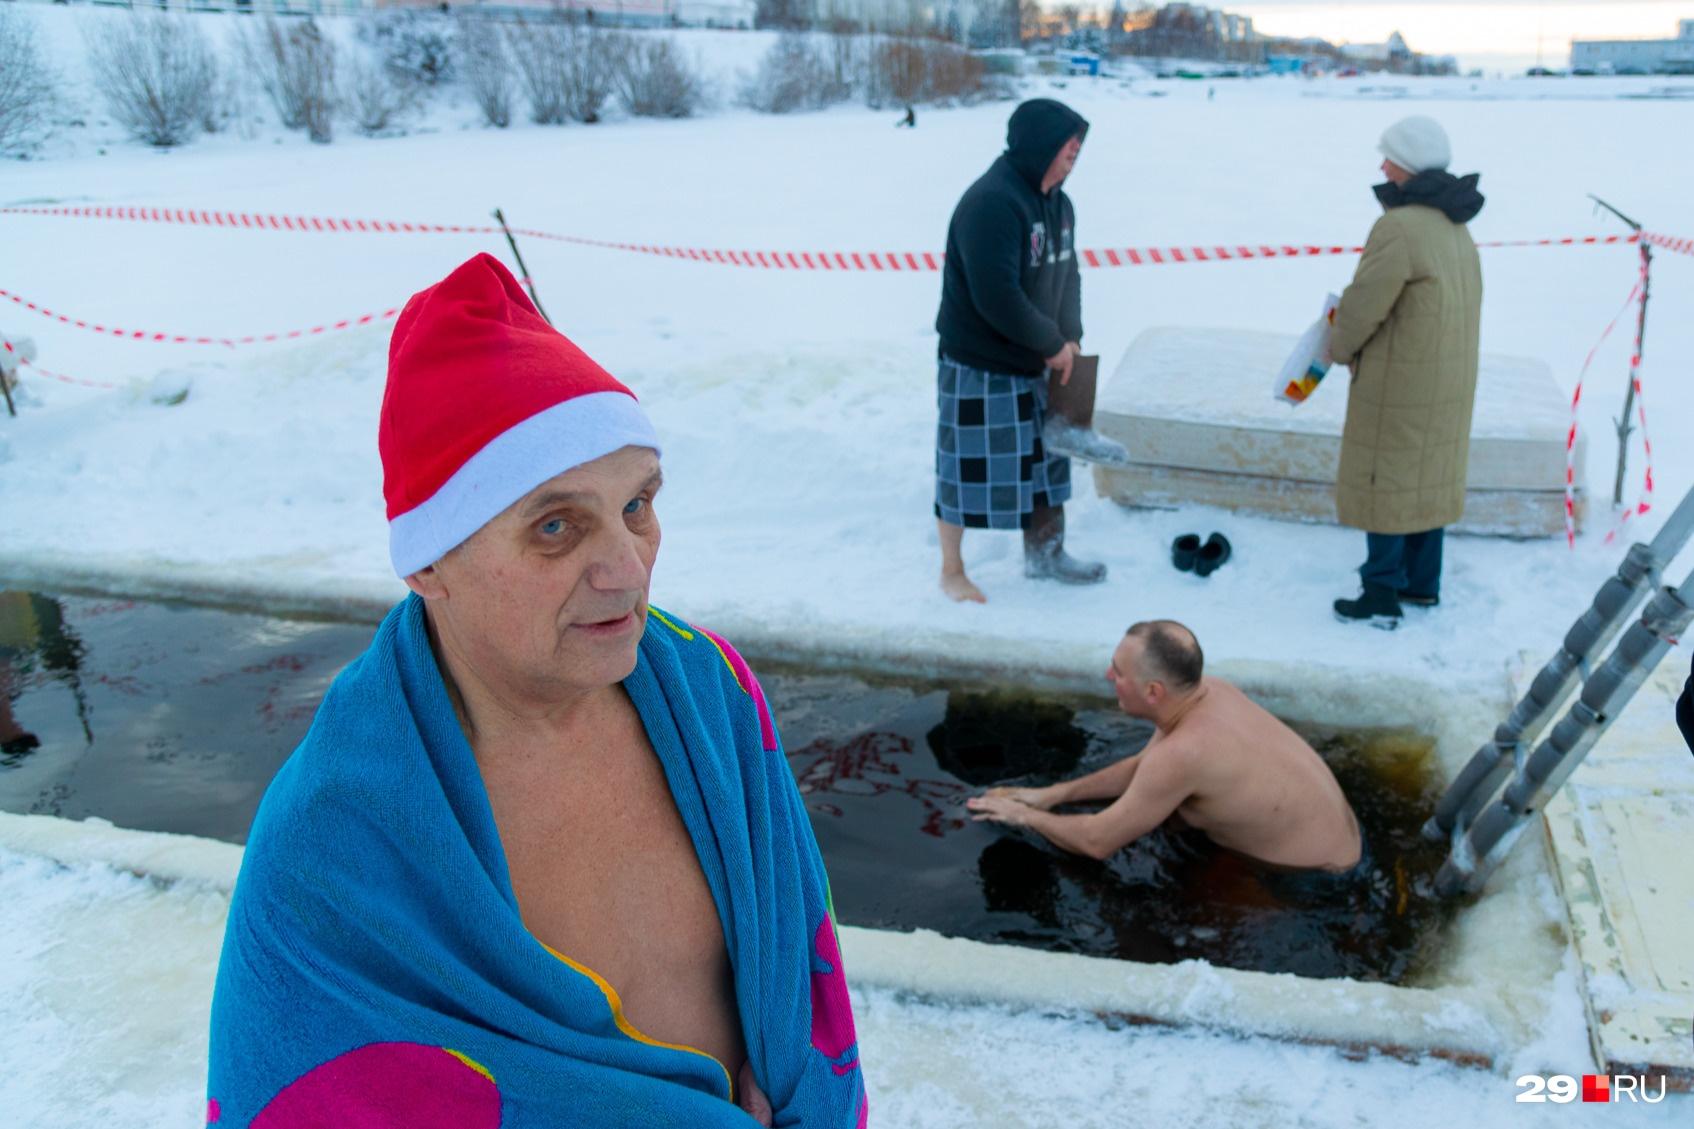 Виталий Гусев — «главный морж» Архангельска